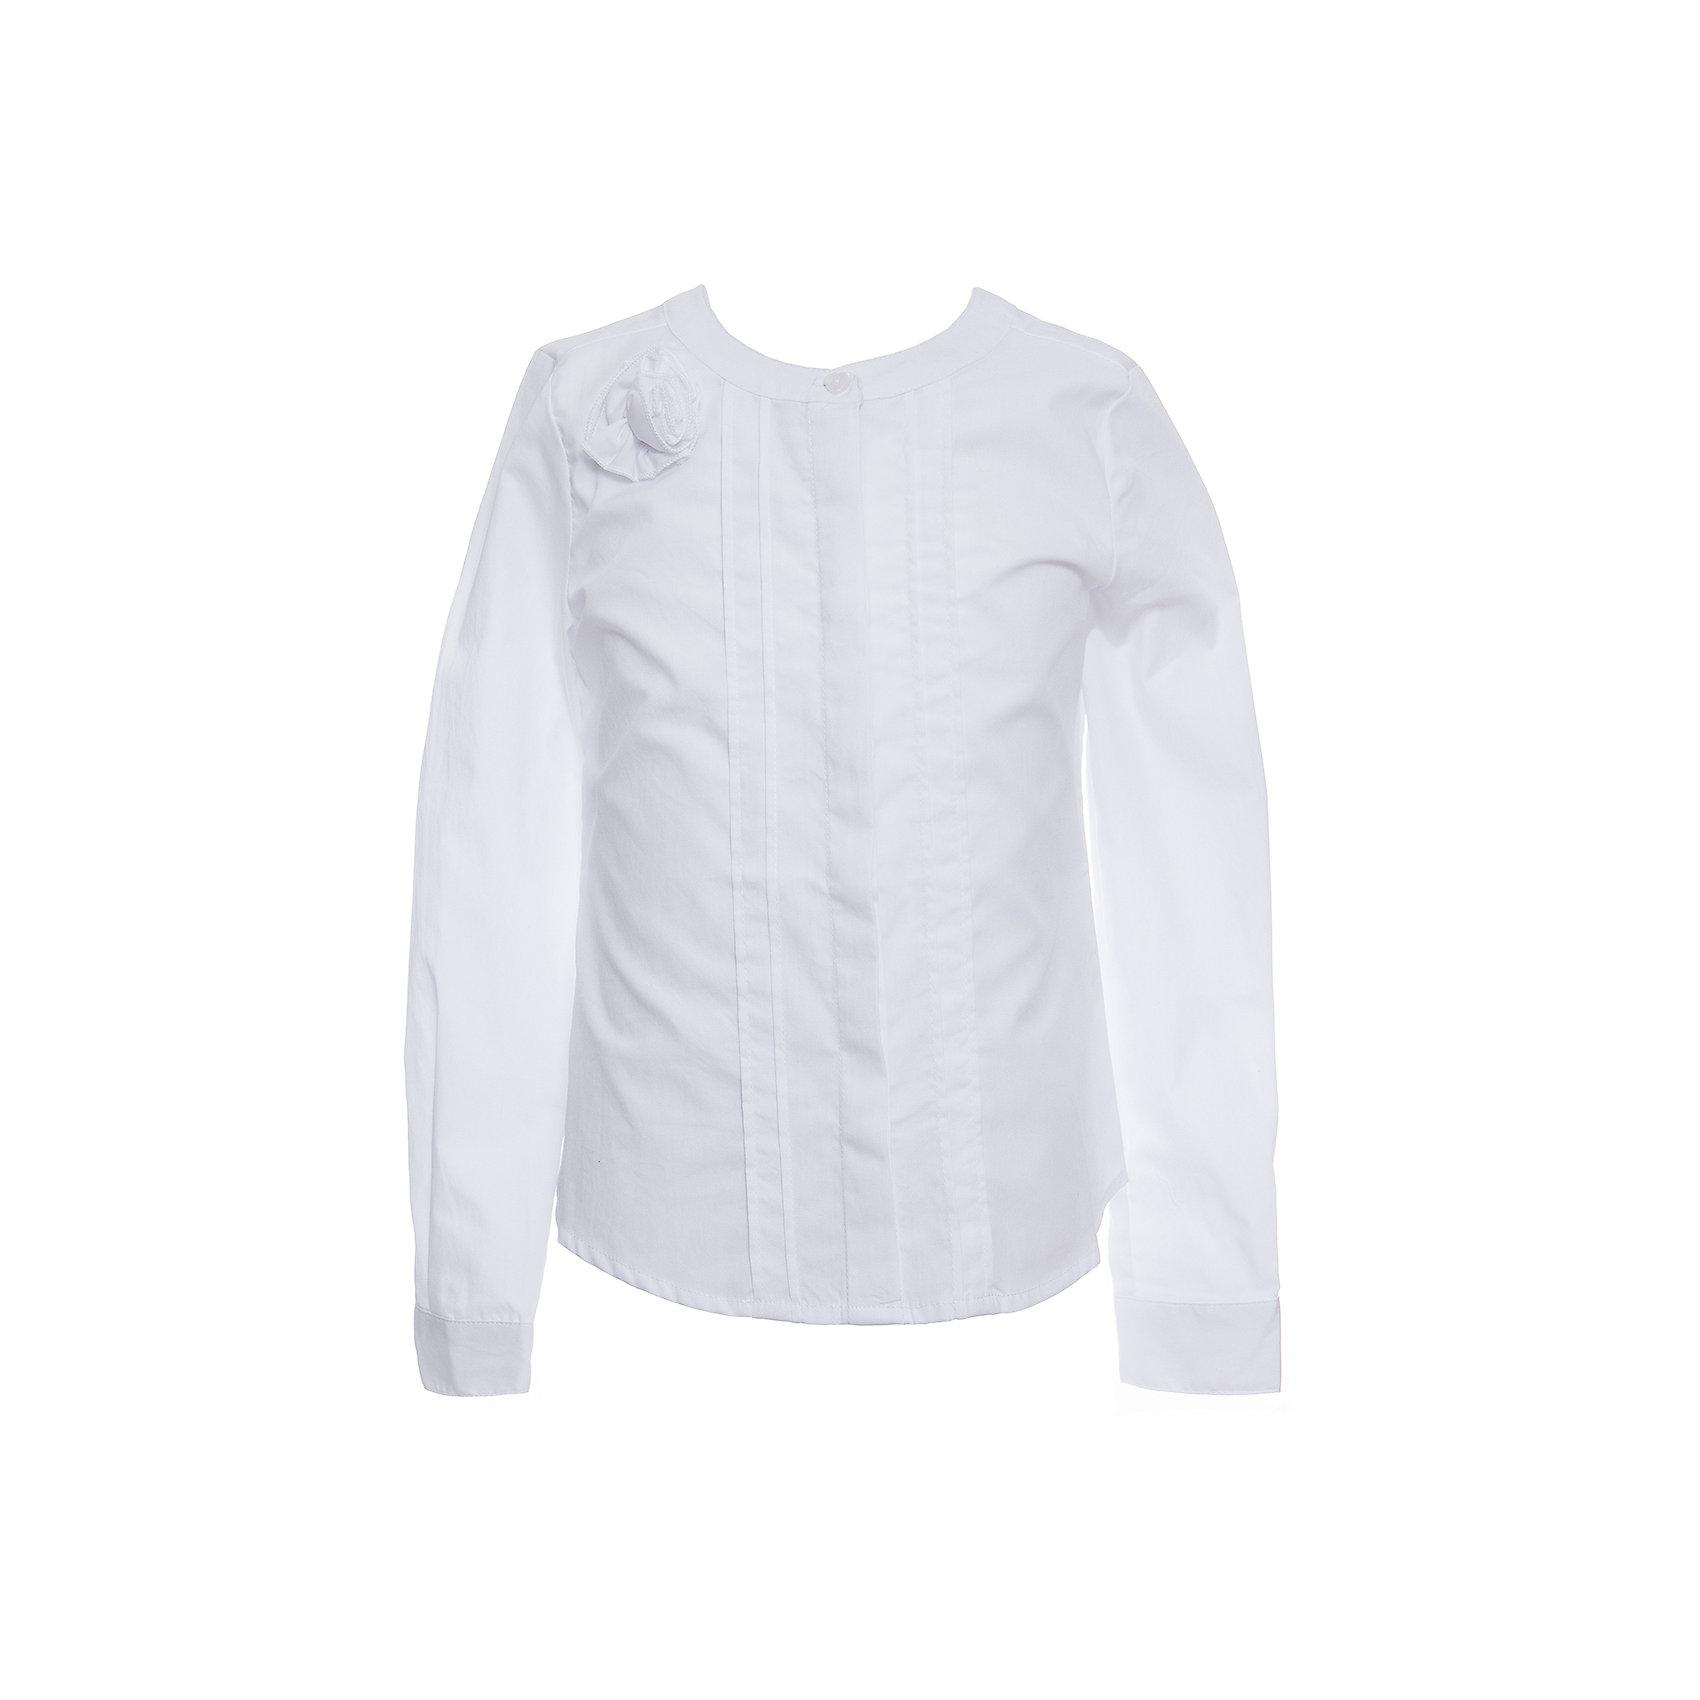 Блуза SELA для девочкиБлузки и рубашки<br>Характеристики товара:<br><br>• цвет: белый;<br>• состав: 55% хлопок, 45% полиэстер;<br>• сезон: демисезон;<br>• особенности: школьная;<br>• свободный крой;<br>• рукав: длинный;<br>• страна бренда: Россия;<br>• страна изготовитель: Китай.<br><br>Школьная блузка с длинным рукавом для девочки. Модель застегивается на пуговицы, манжеты на пуговицах. Белая блузка свободного кроя. Блуза украшена декоративной розой.<br><br>Блузу Sela (Села) для девочки можно купить в нашем интернет-магазине.<br><br>Ширина мм: 186<br>Глубина мм: 87<br>Высота мм: 198<br>Вес г: 197<br>Цвет: белый<br>Возраст от месяцев: 132<br>Возраст до месяцев: 144<br>Пол: Женский<br>Возраст: Детский<br>Размер: 152,122,128,134,140,146<br>SKU: 7009463